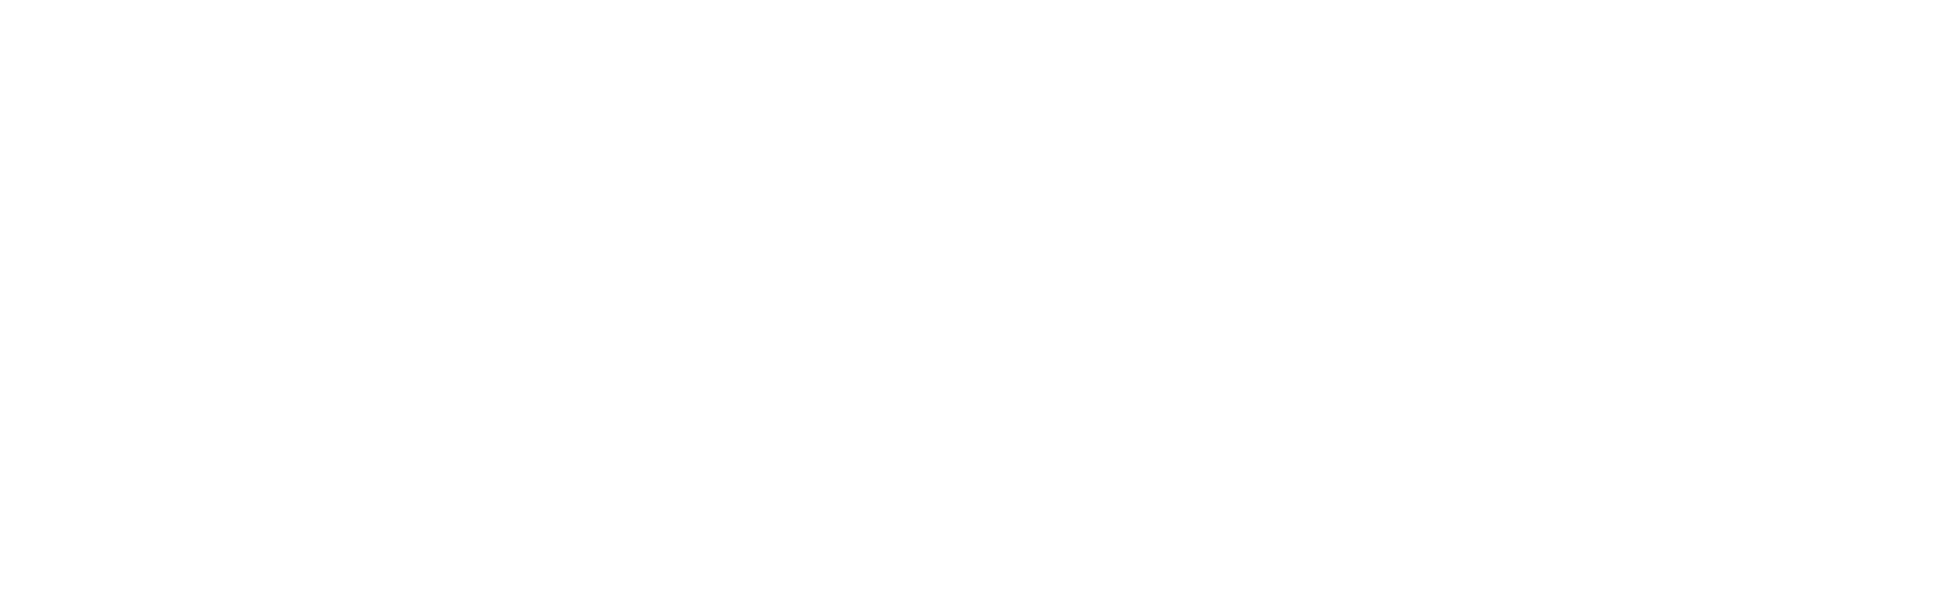 TeqFlo_Logo_White